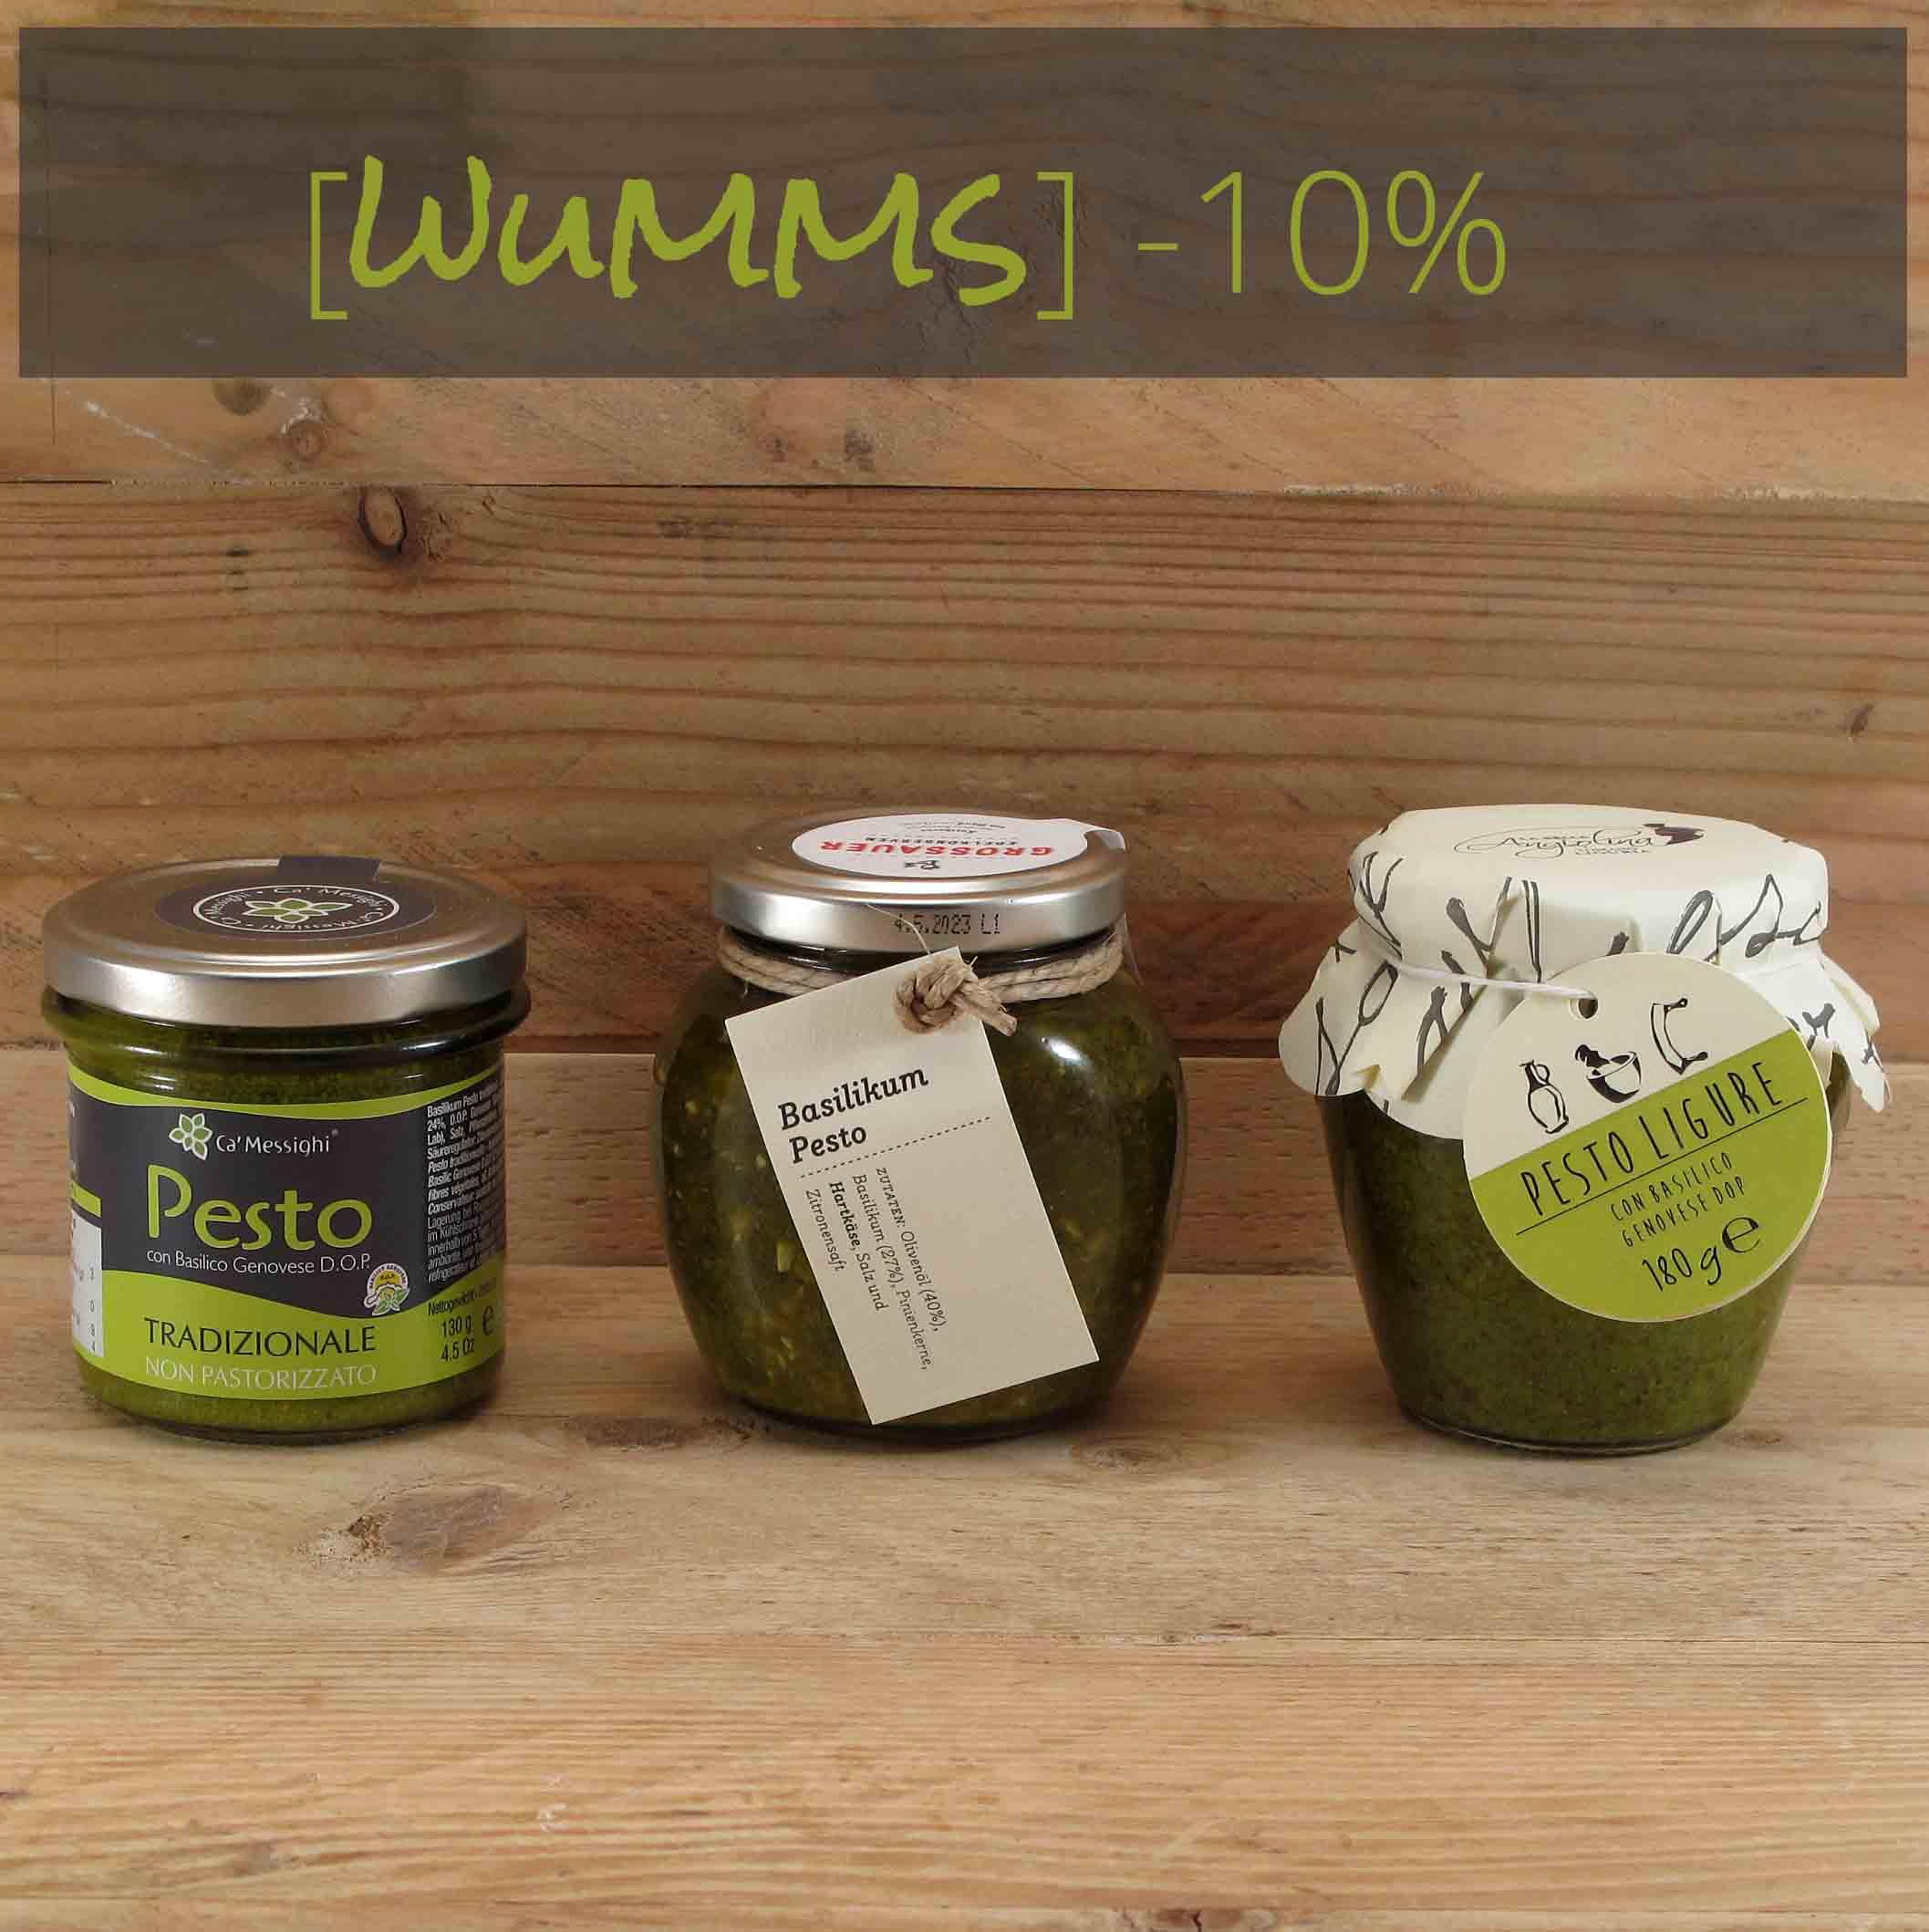 Pesto-wumms-10-Kopie